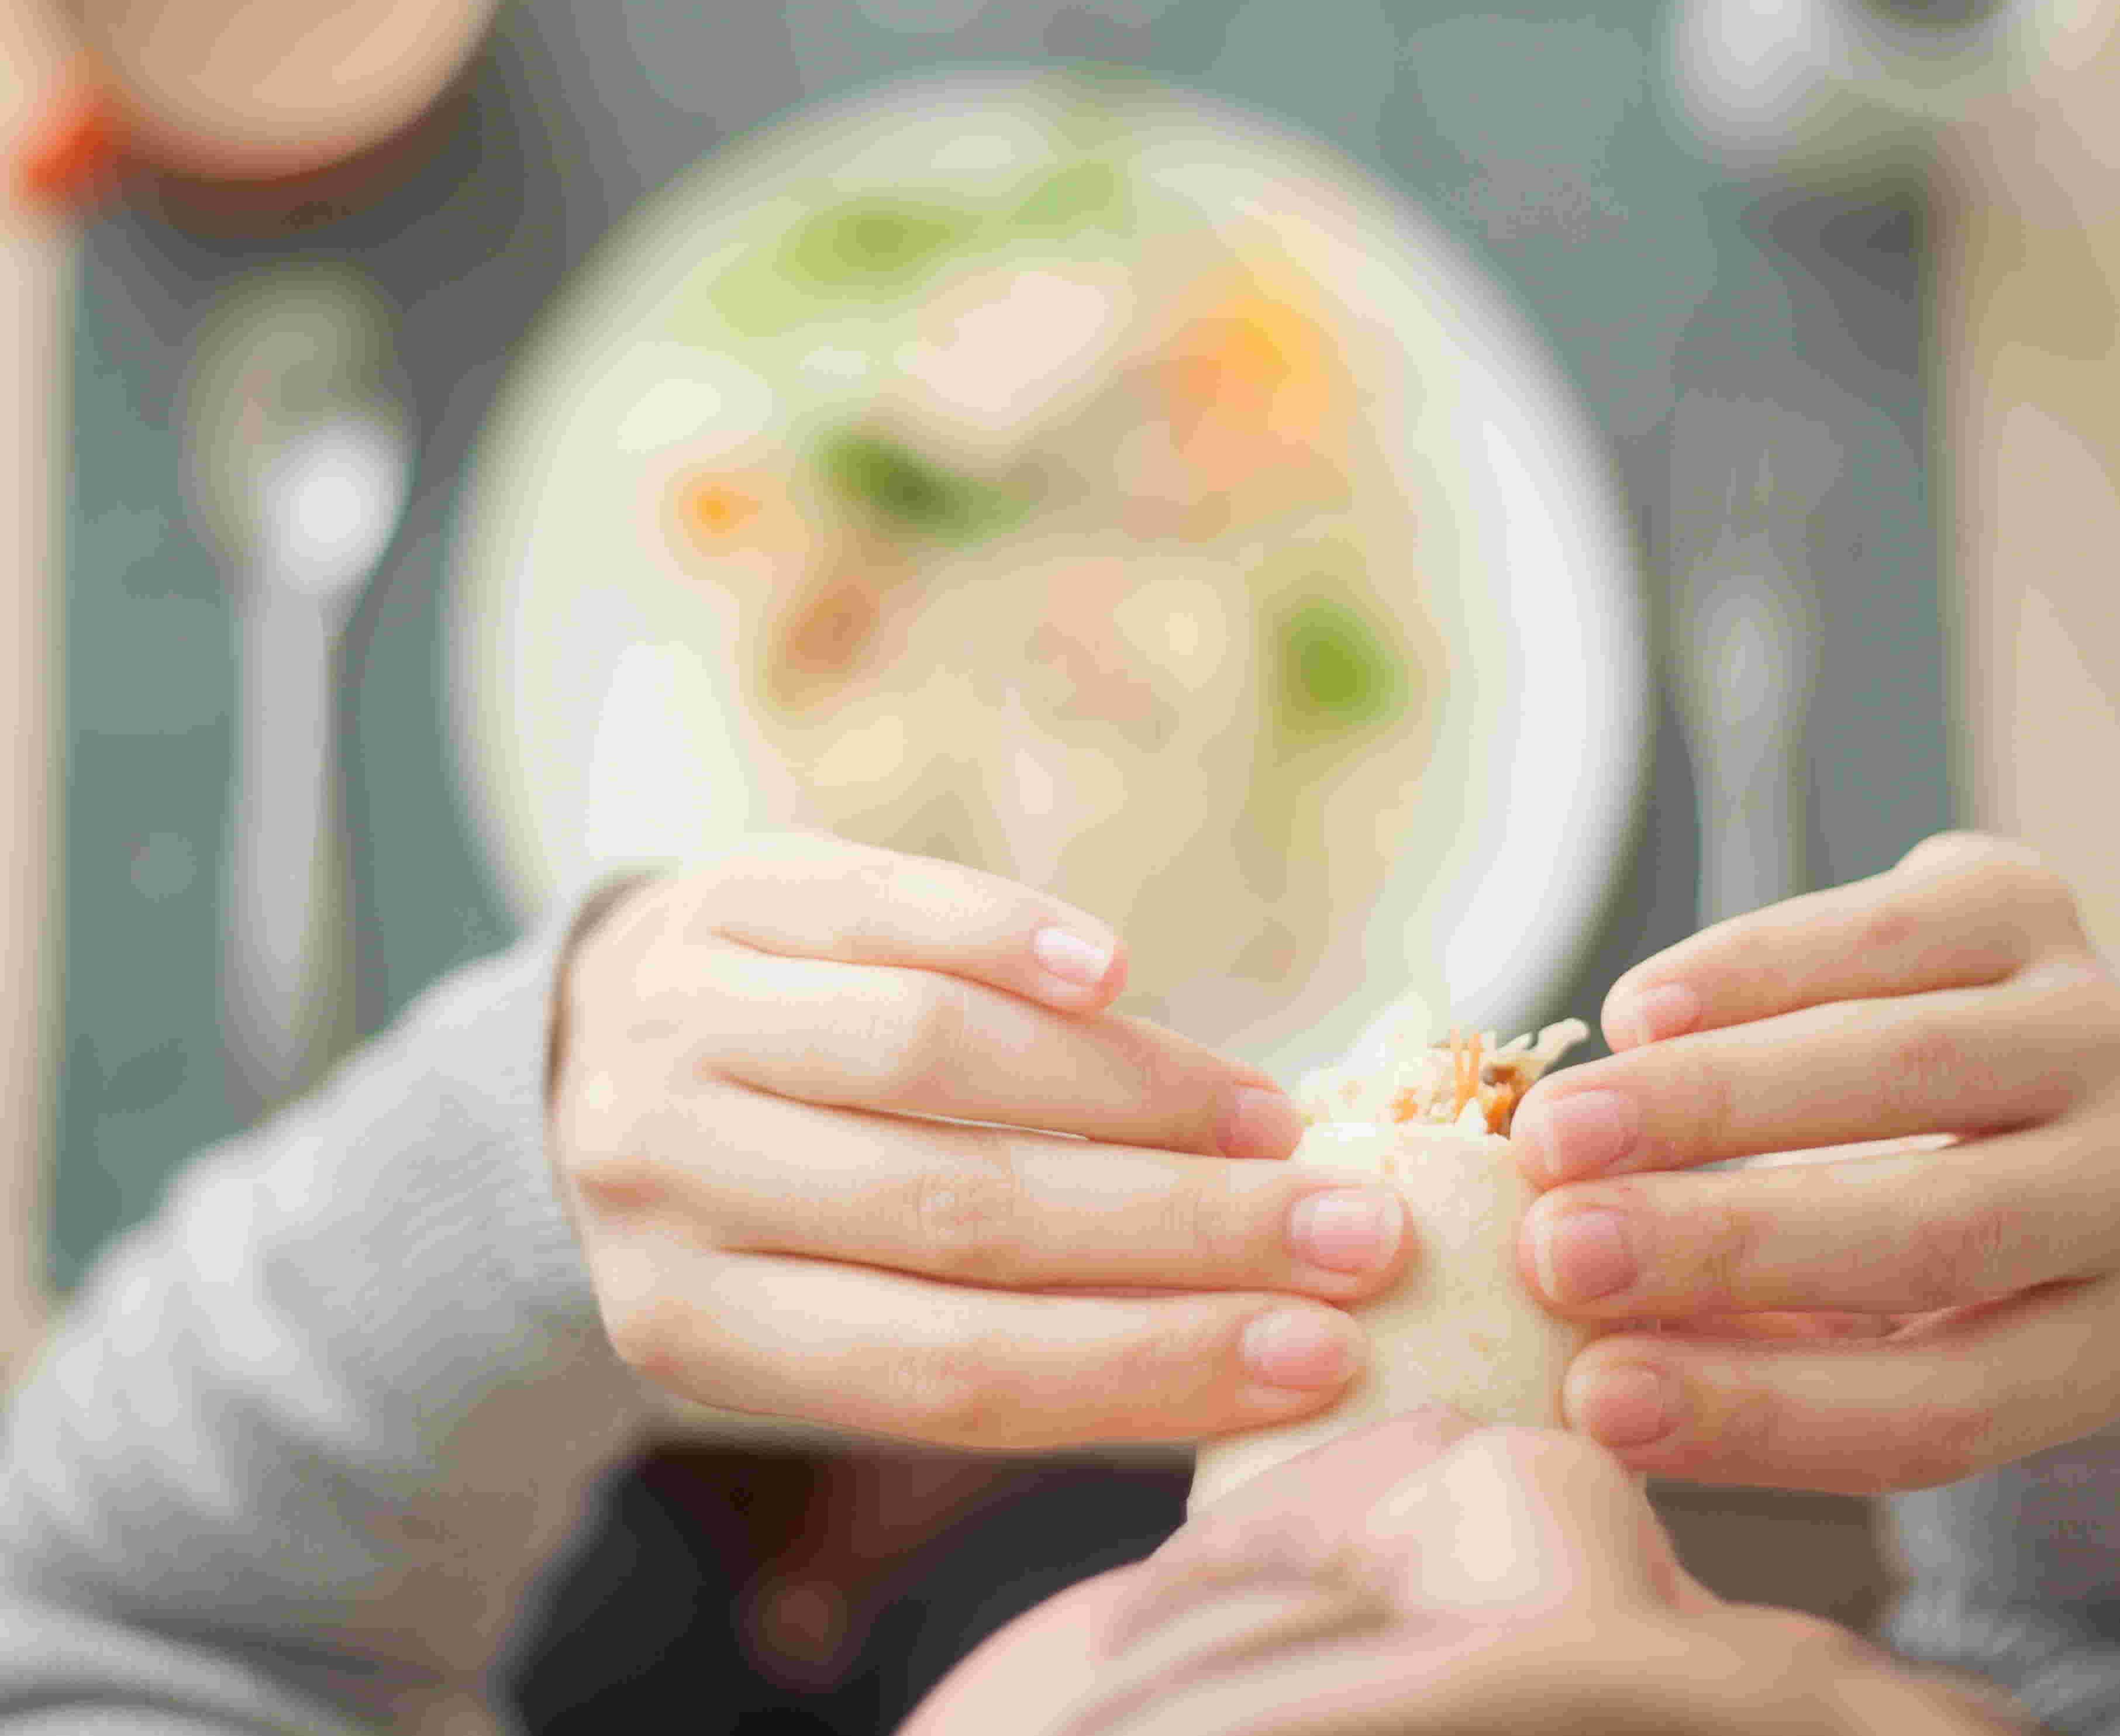 食べ て も 食べ て も お腹 が 空く 病気